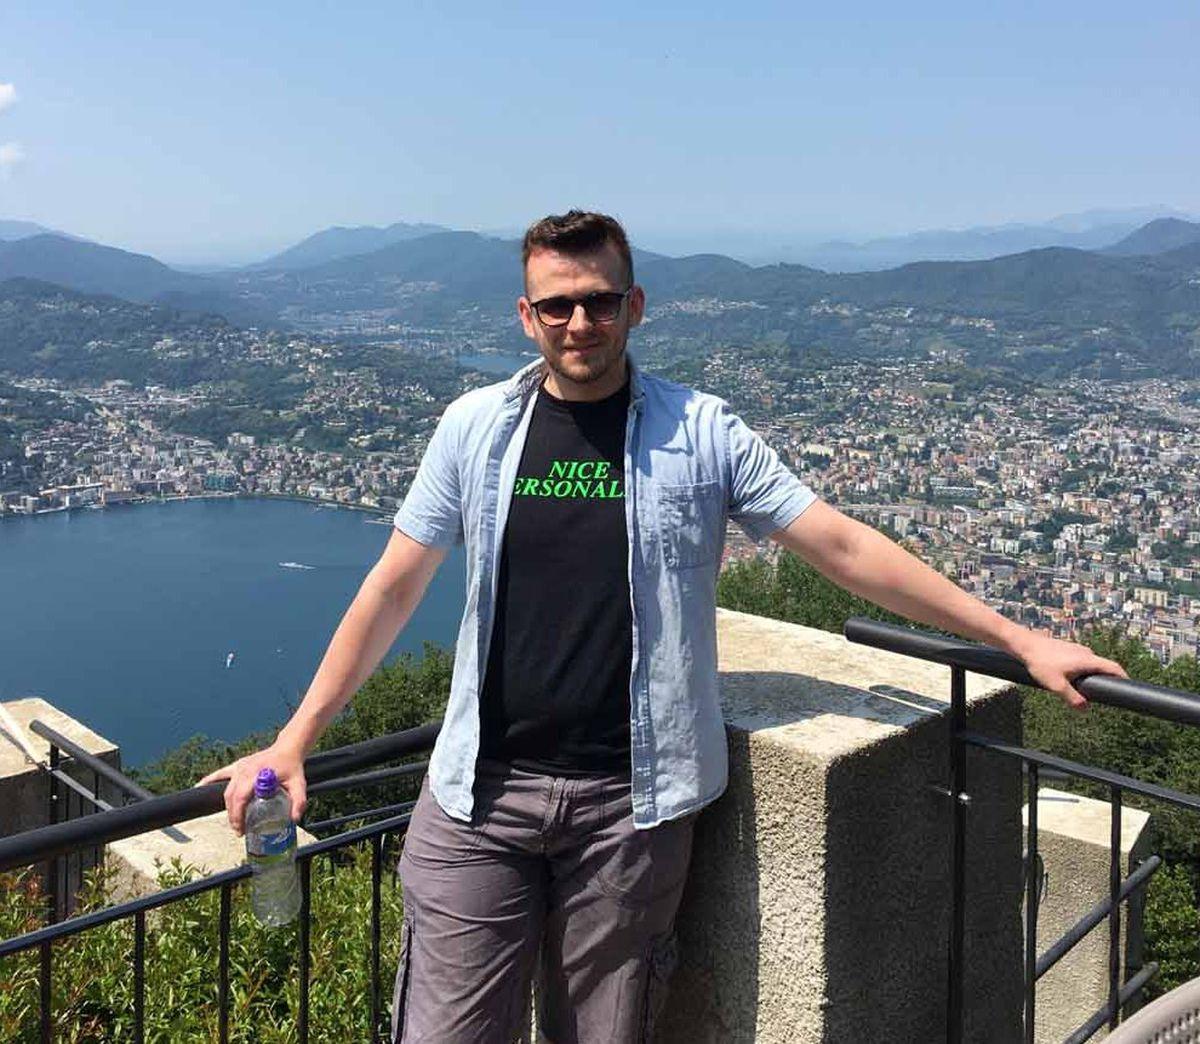 Nick Humphreys on holiday